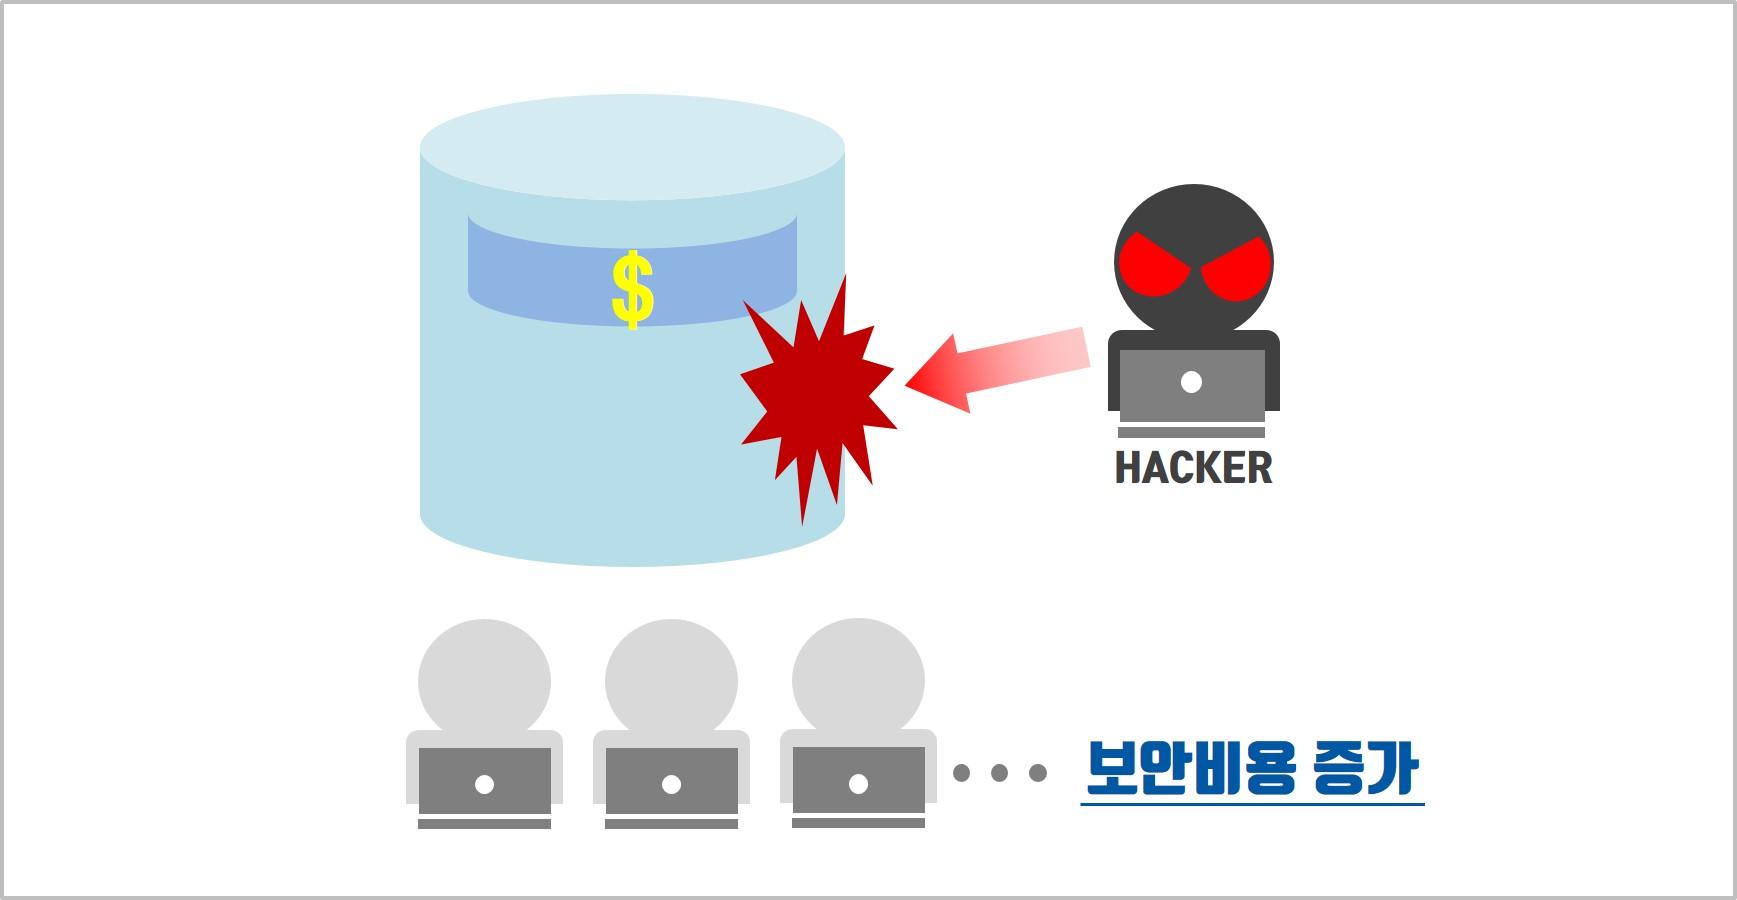 한 곳에 과도하게 저장된 정보는 단 한 번의 해킹에 모든 정보가 새어 나갈 수 있습니다.